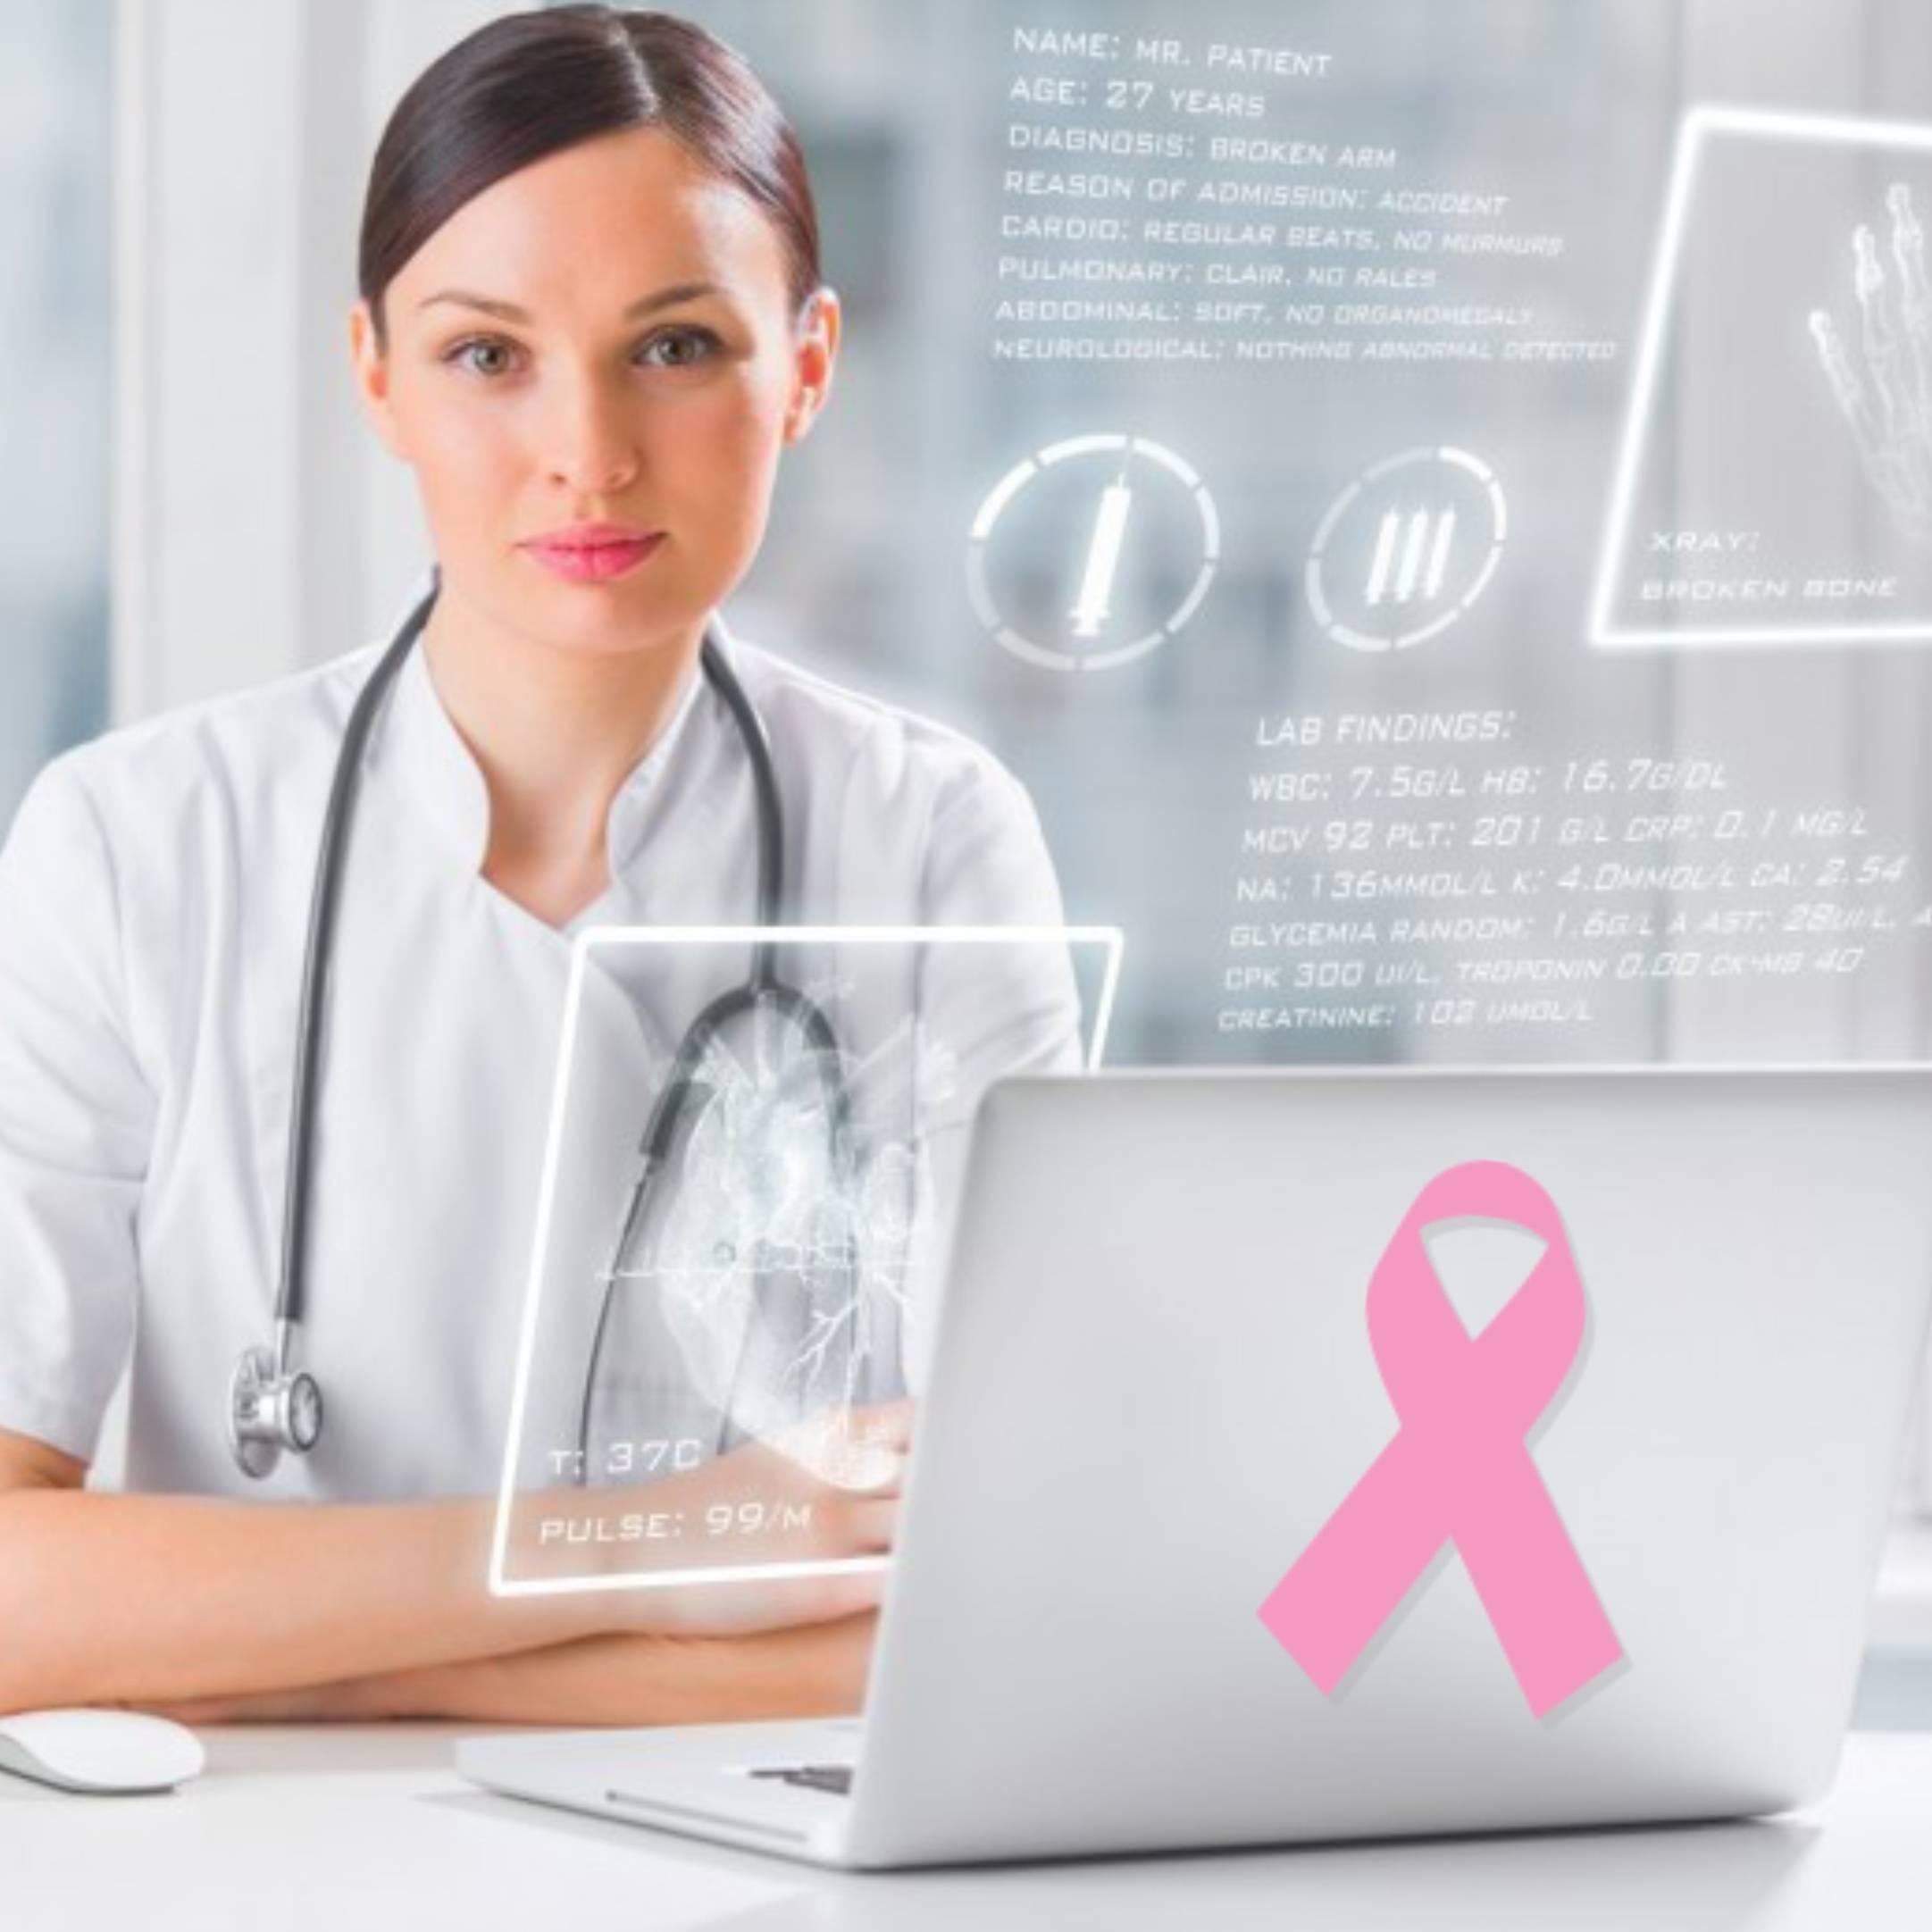 Лечение рака в германии, клиника вивантес в берлине